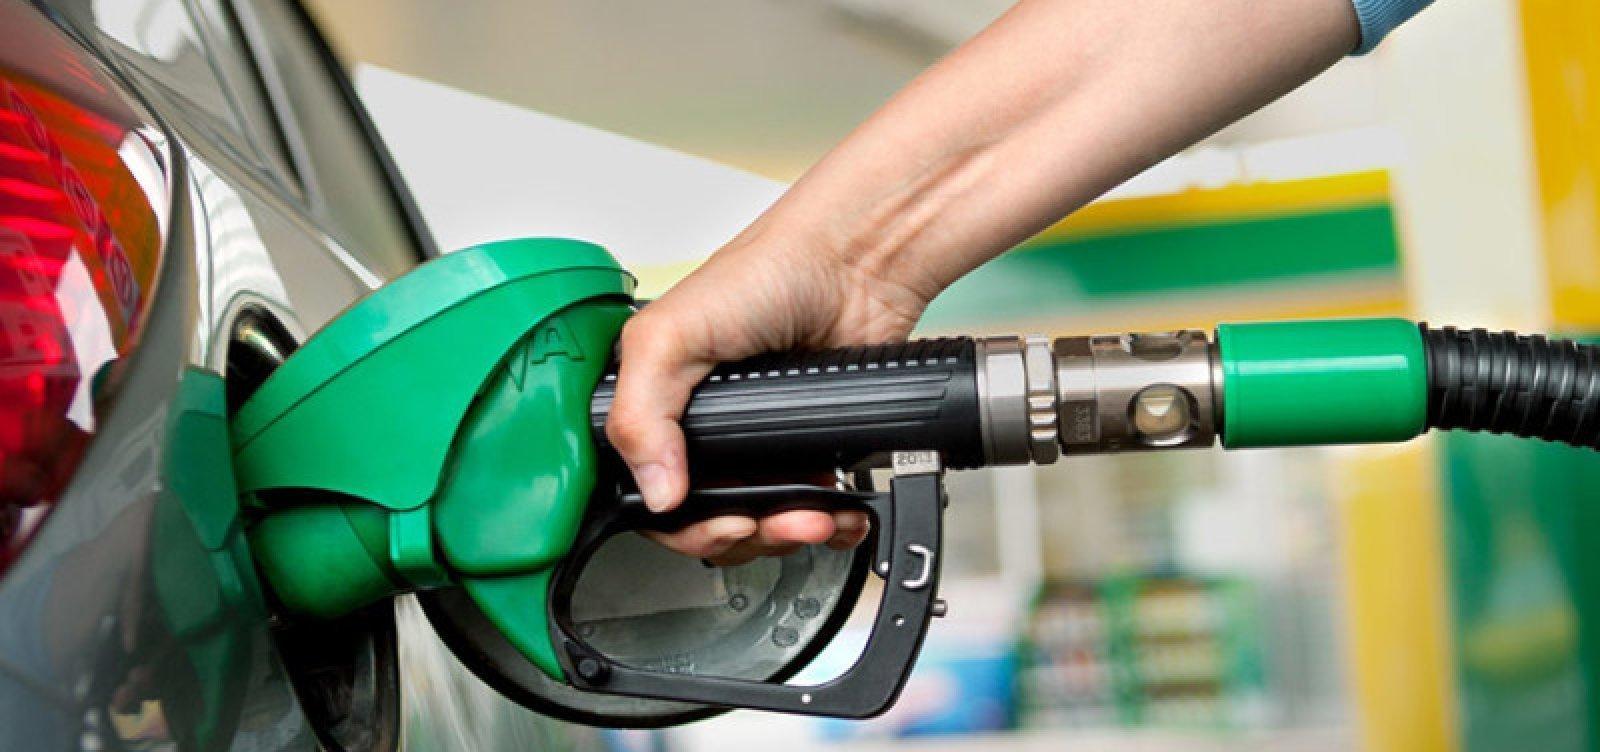 Consumo de combustíveis no Brasil em 2020 caiu ao menor nível em 8 anos, aponta ANP